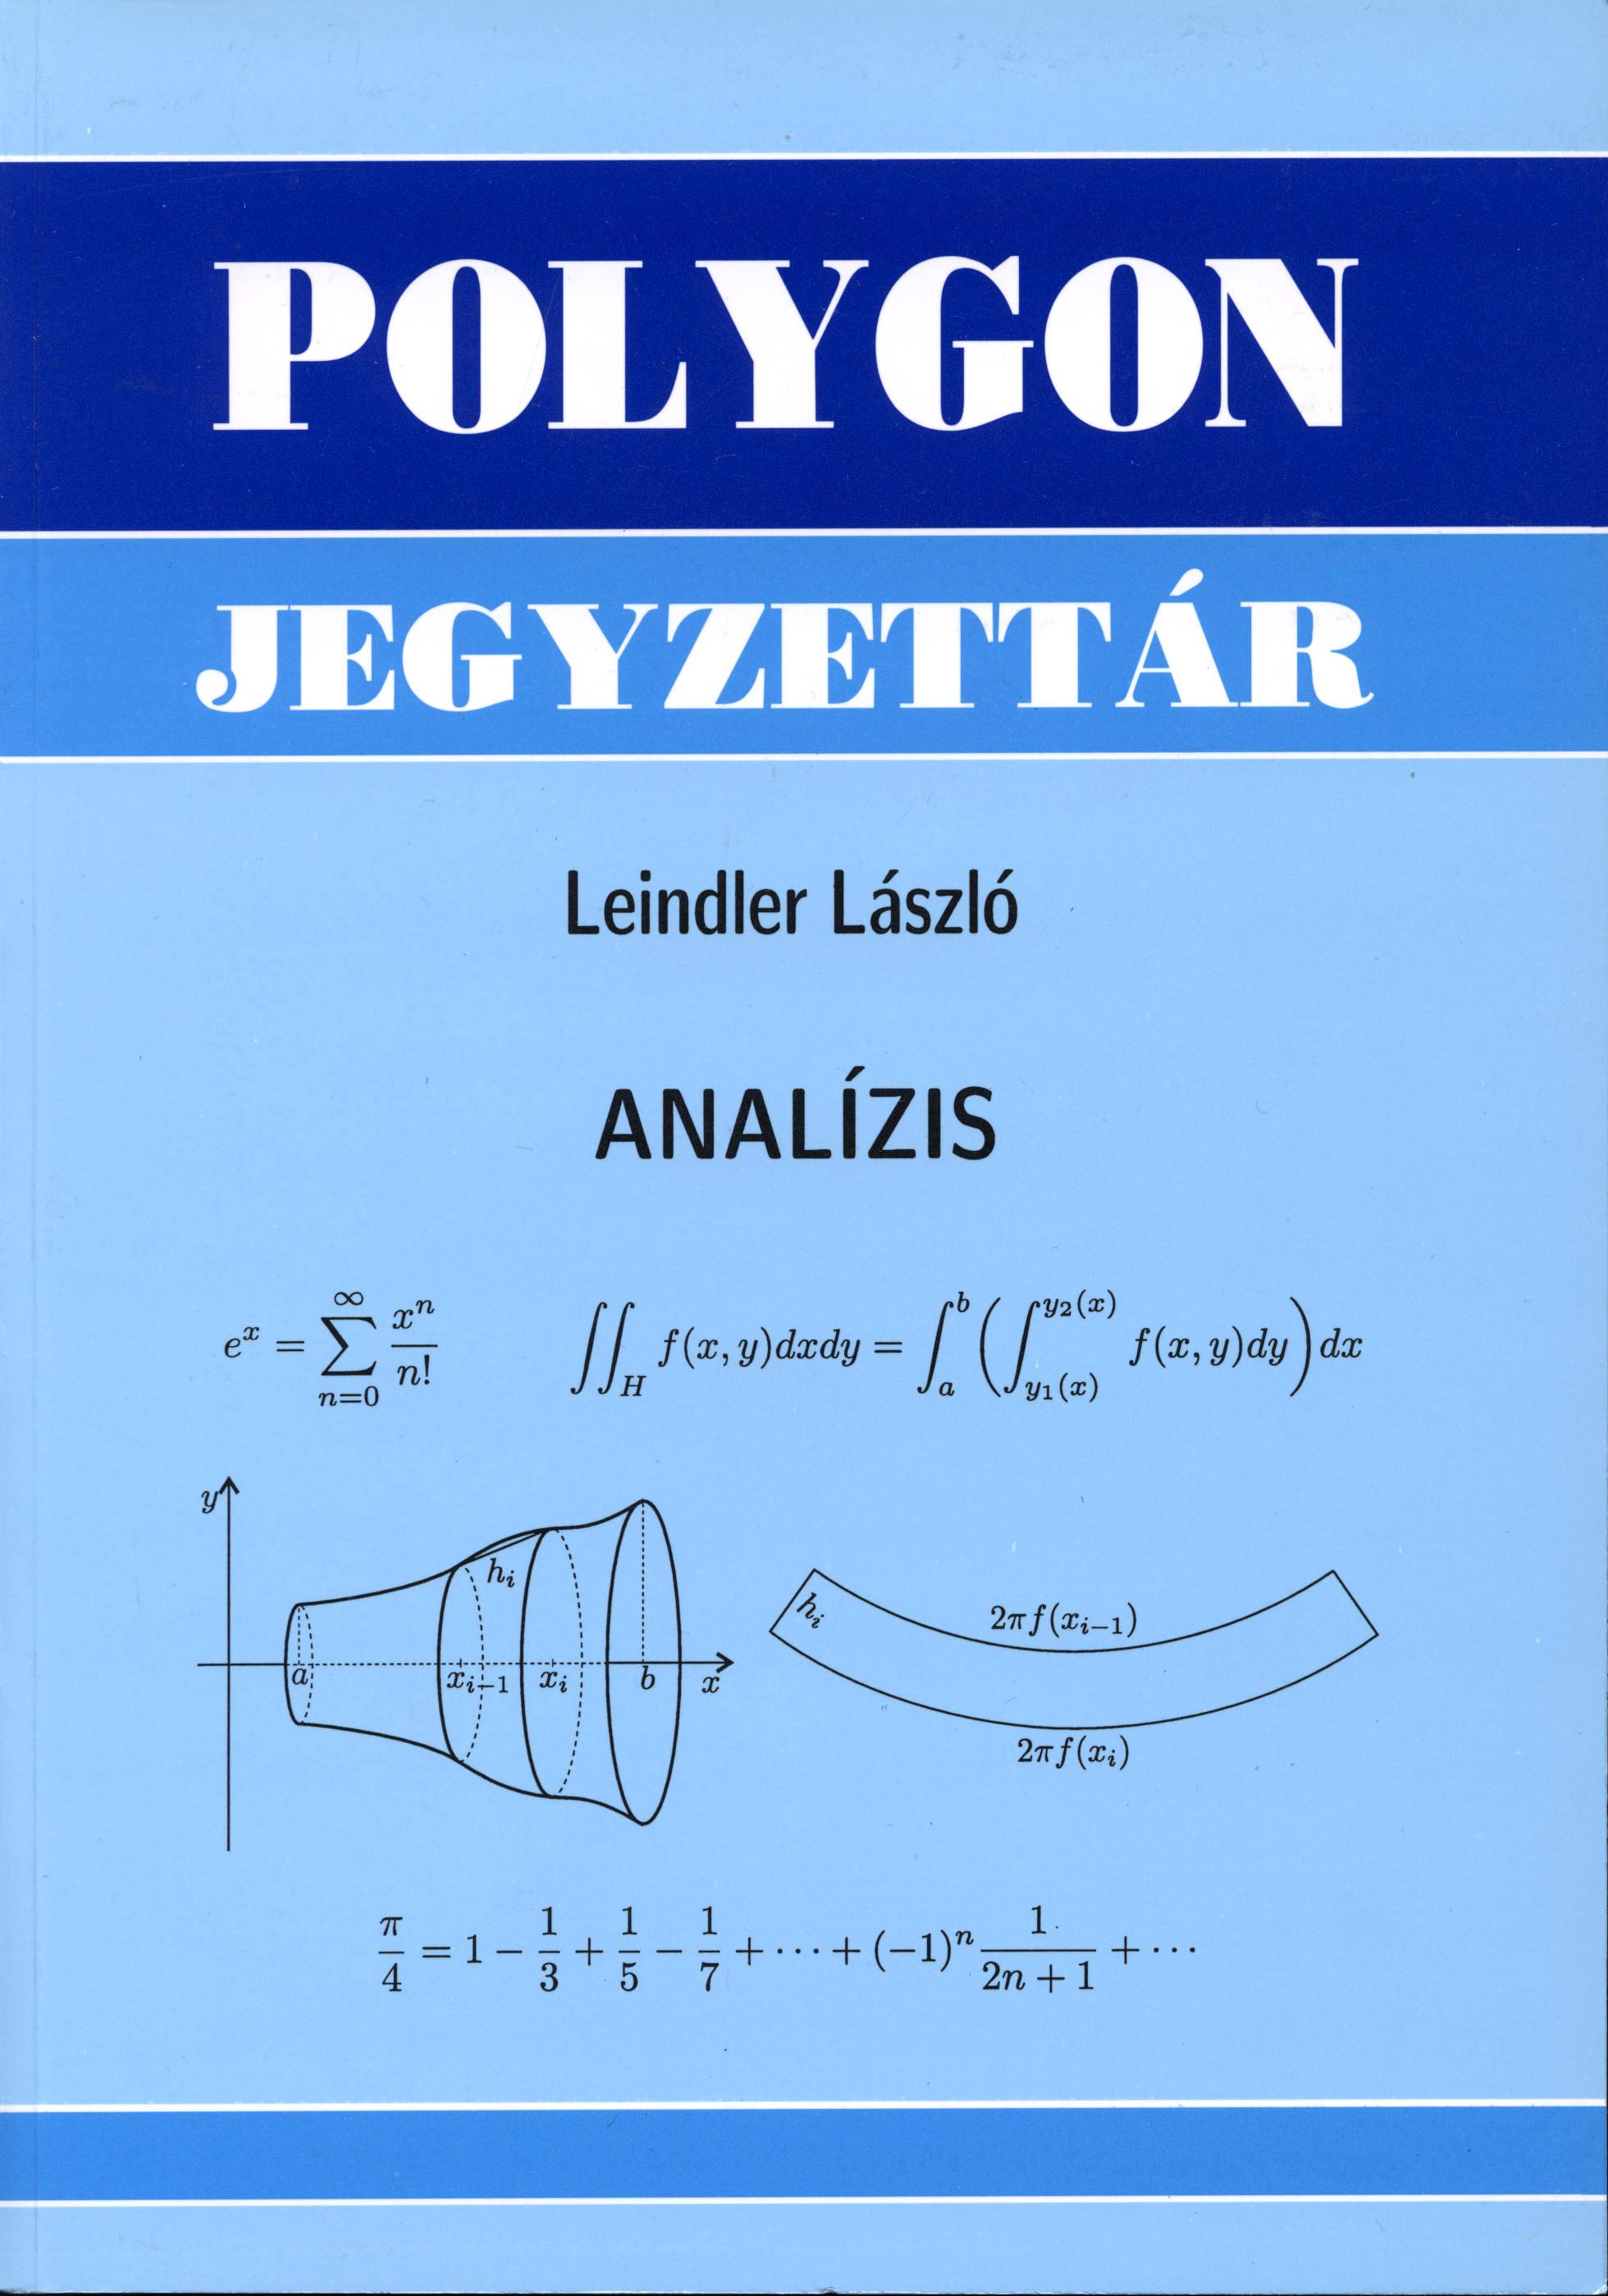 Analízis - Polygon jegyzet